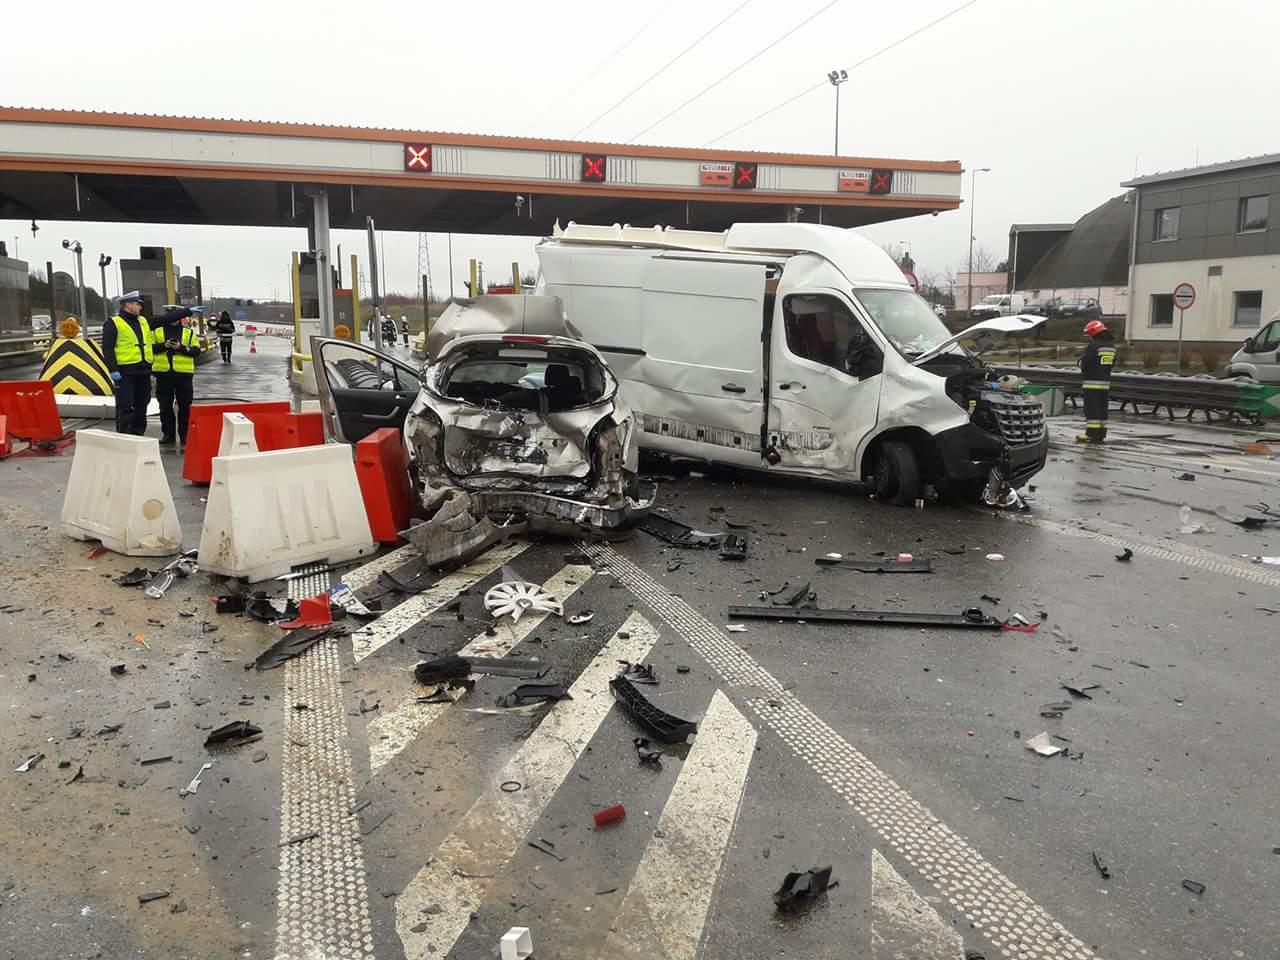 Rozpędzony tir staranował samochody przy punkcie poboru opłat [AKTUALIZACJA]